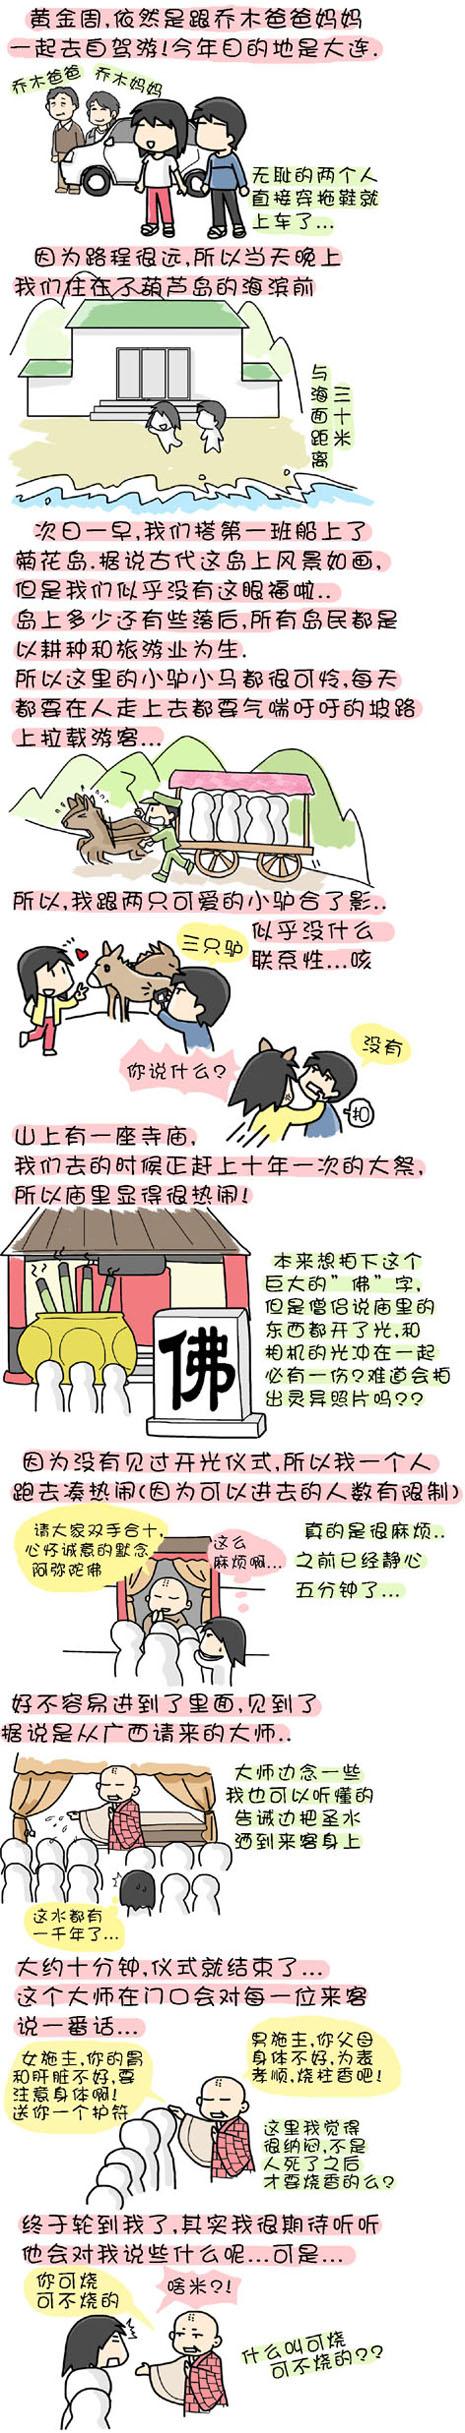 大连游(上) - 小步 - 小步漫画日记